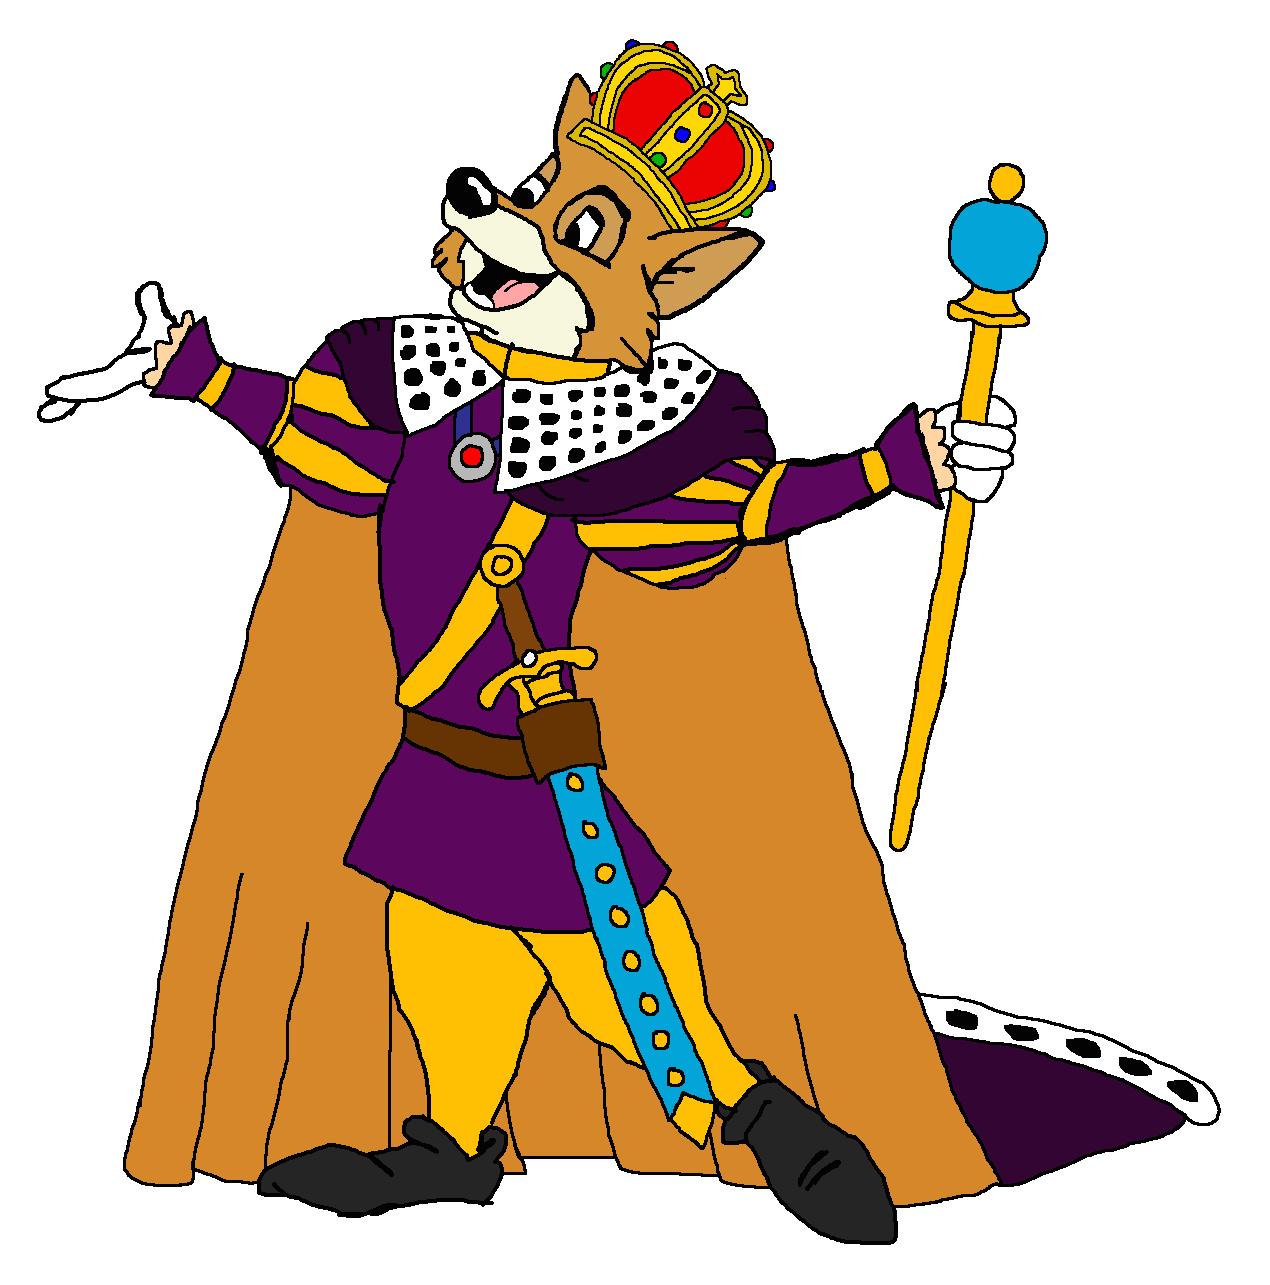 King Robin Hood